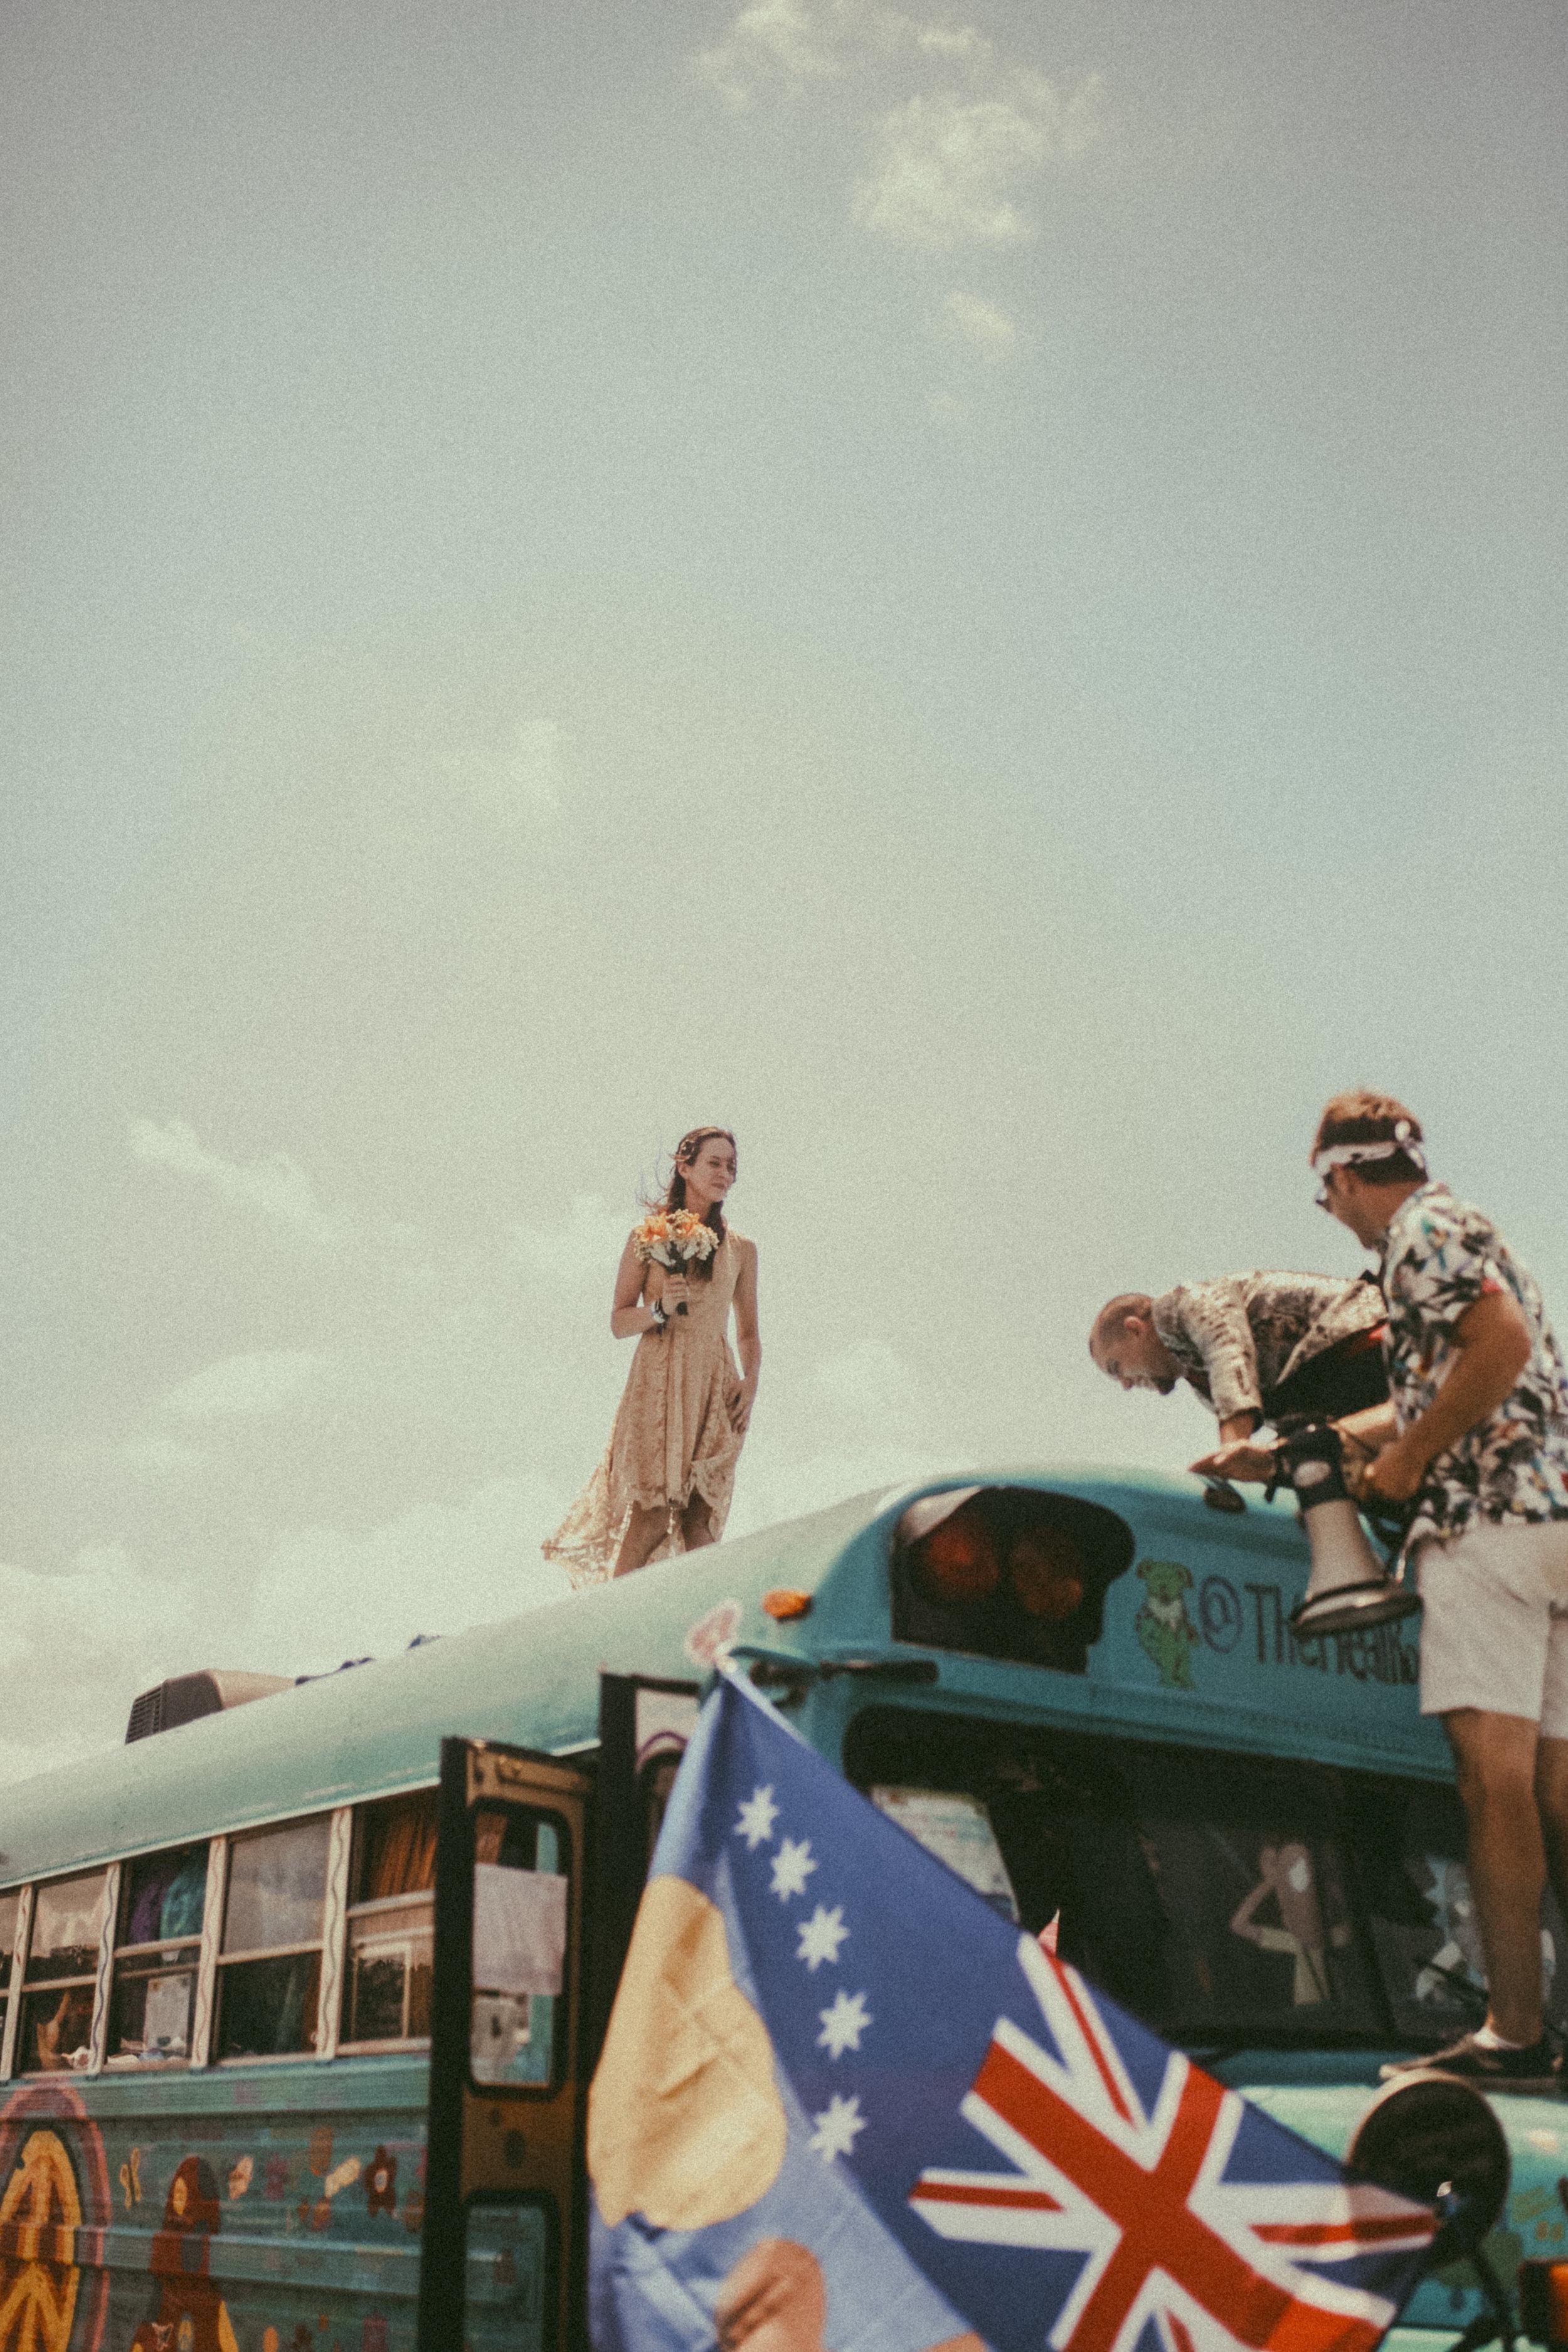 Bonnaroo-MusicFestivalWedding-Brittany&Kevin-15.jpg